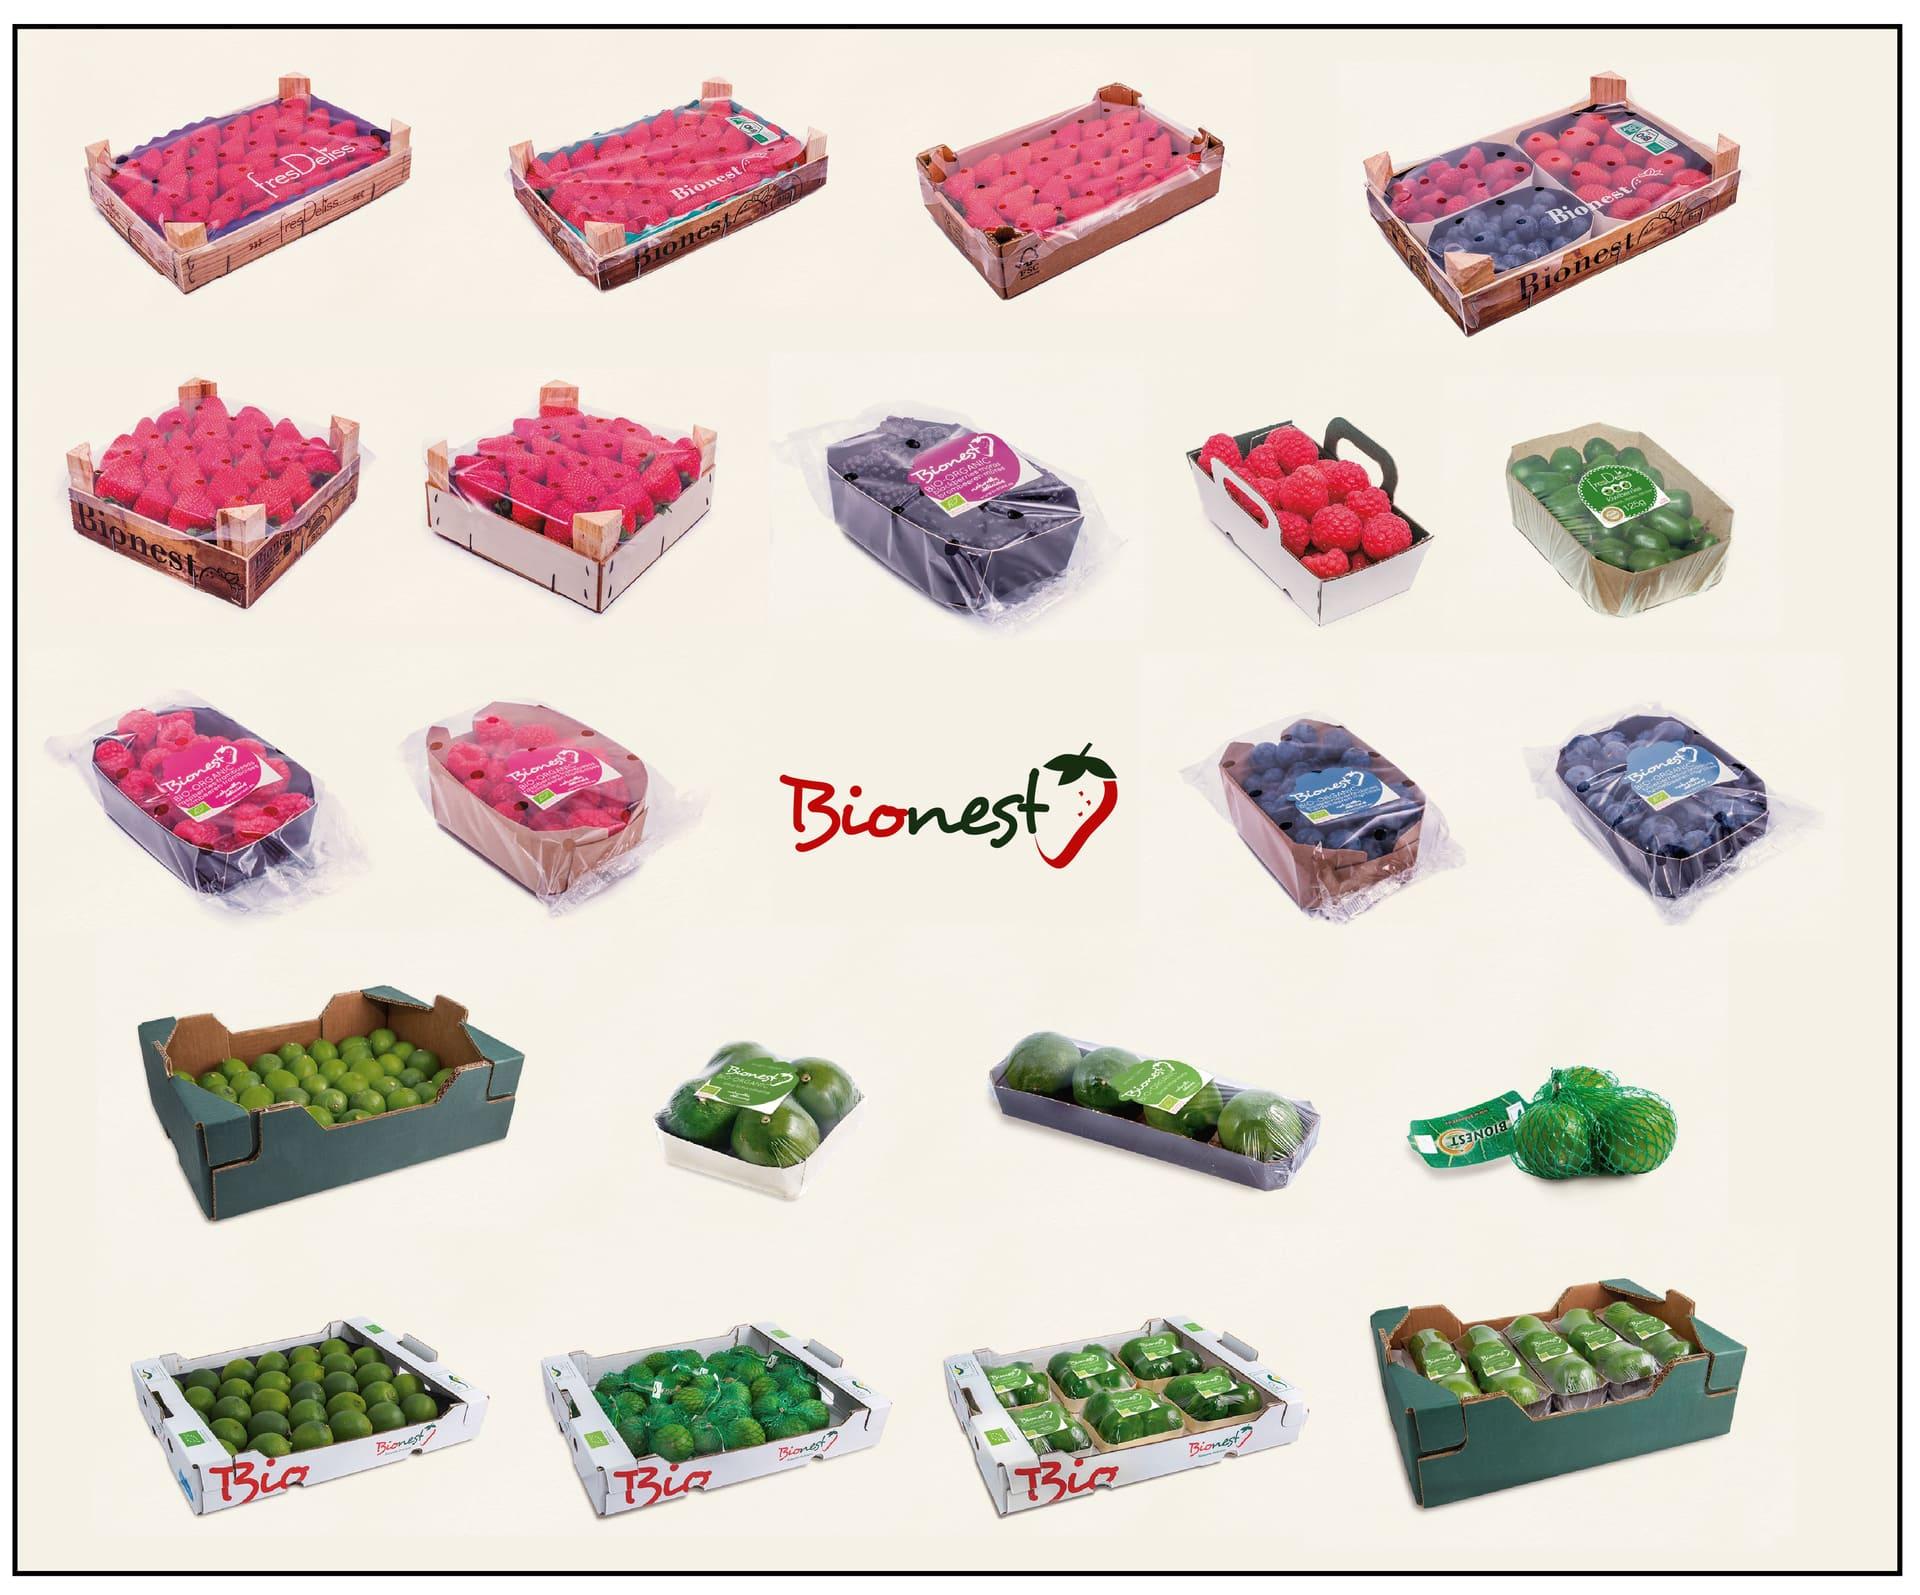 bionest-internacional-frutos-rojos-ecologico-07